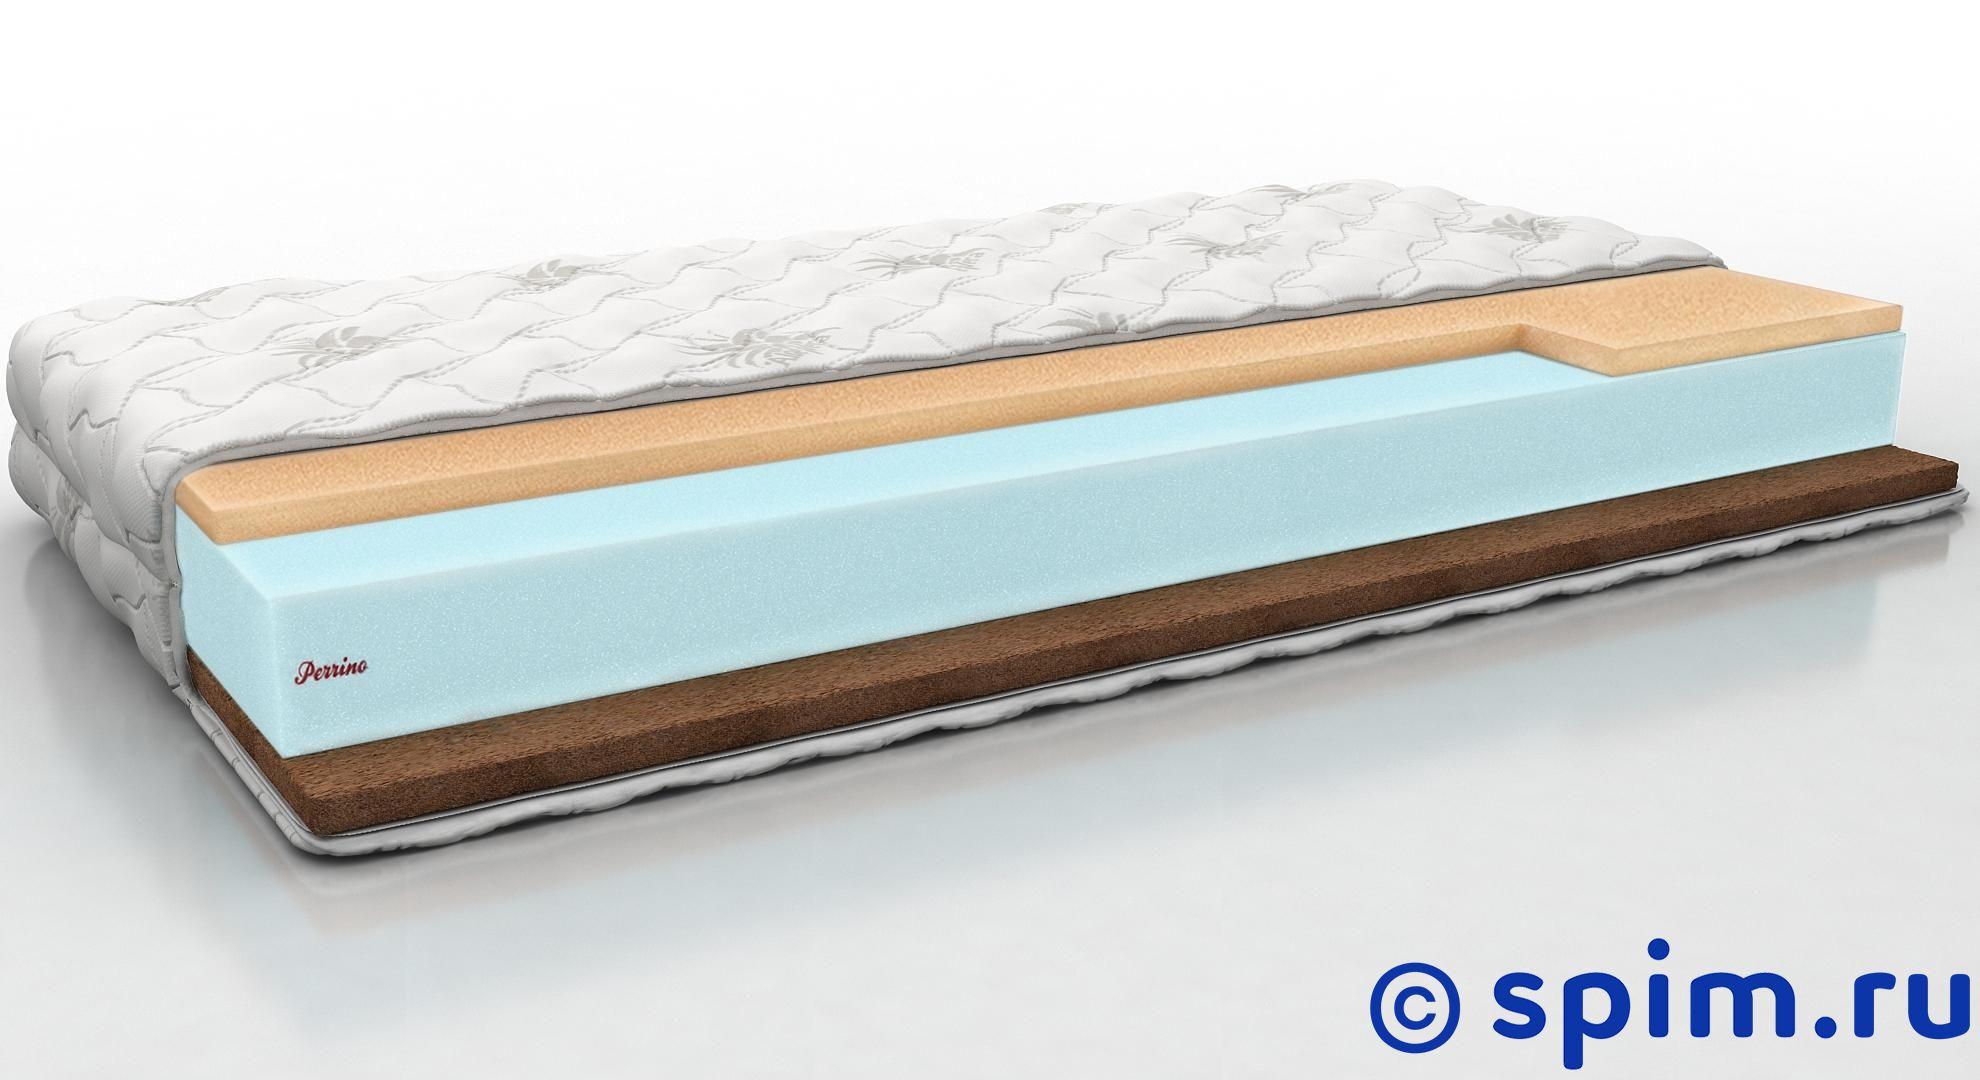 Матрас Perrino Солид 90х195 смБеспружинные матрасы Perrino<br>Разносторонний матрас на основе блока Эрголатекса: средней жесткости со стороны Меморикс с эффектом памяти и жесткий со стороны кокосовой койры. Съемный трикотажный чехол. Нагрузка: до 140 кг. Высота: 18 см. Размер Перрино Solid односпальный: 90 x 195 см<br><br>Ширина см: 90<br>Длина см: 195